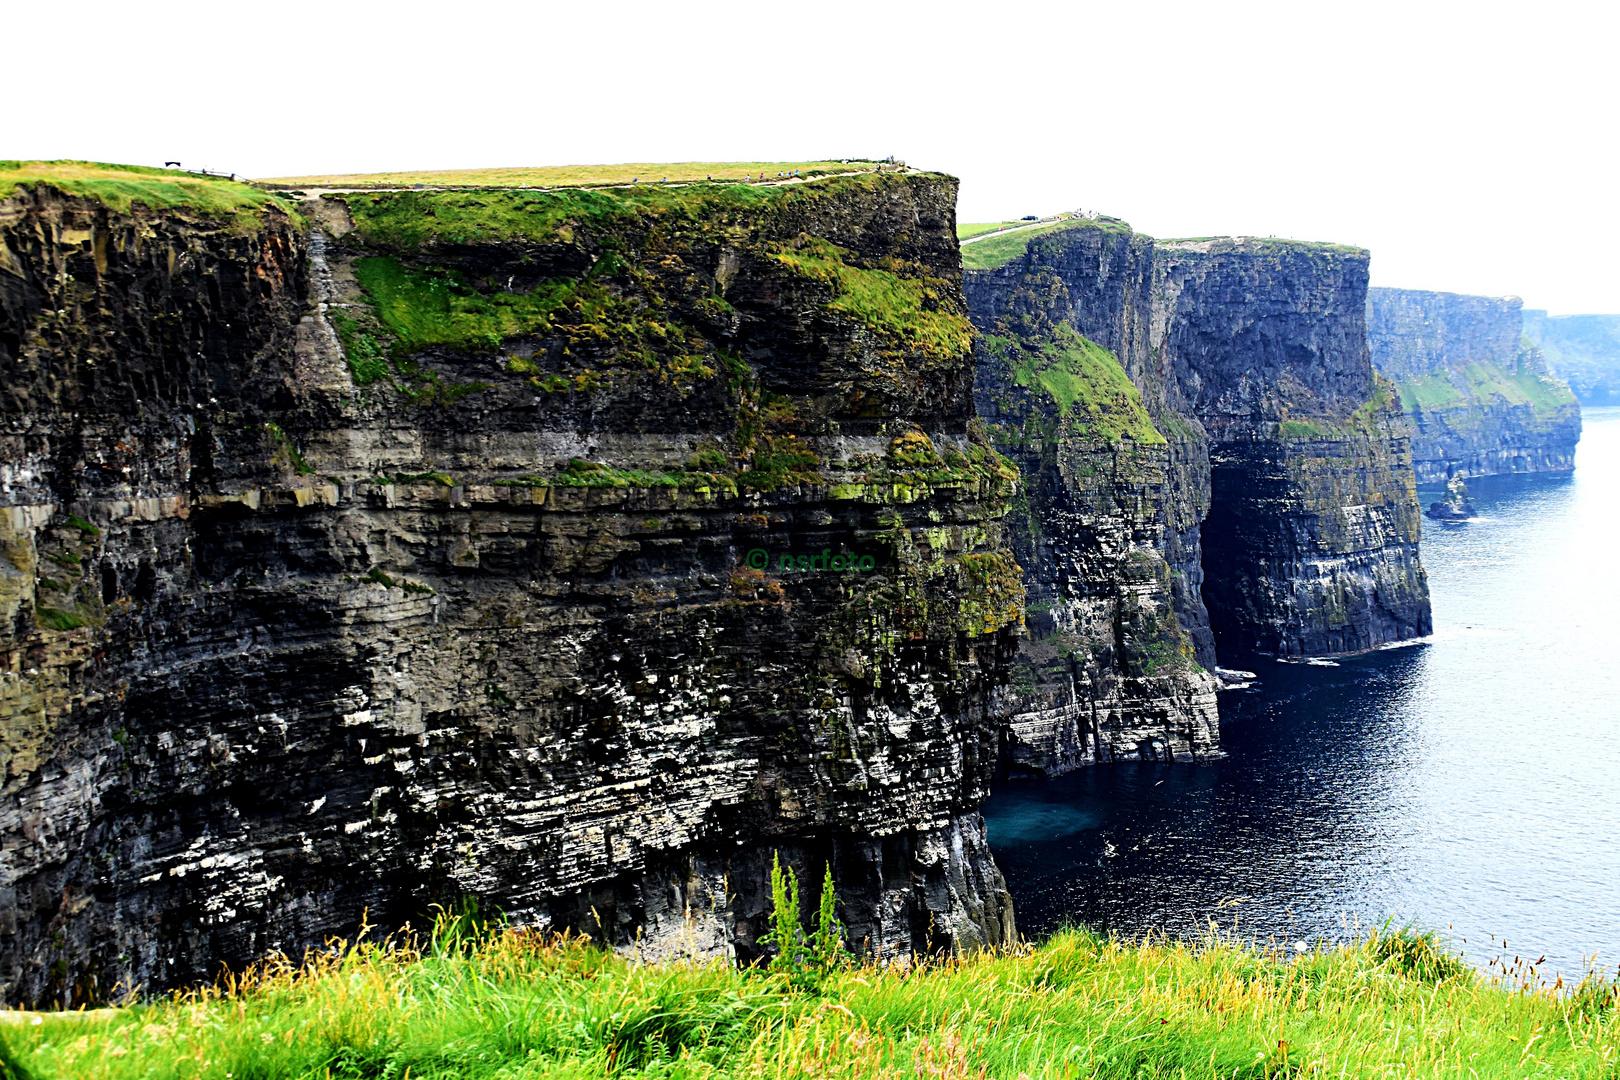 Unsere Irland-Rundreise: Die Cliffs of Moher